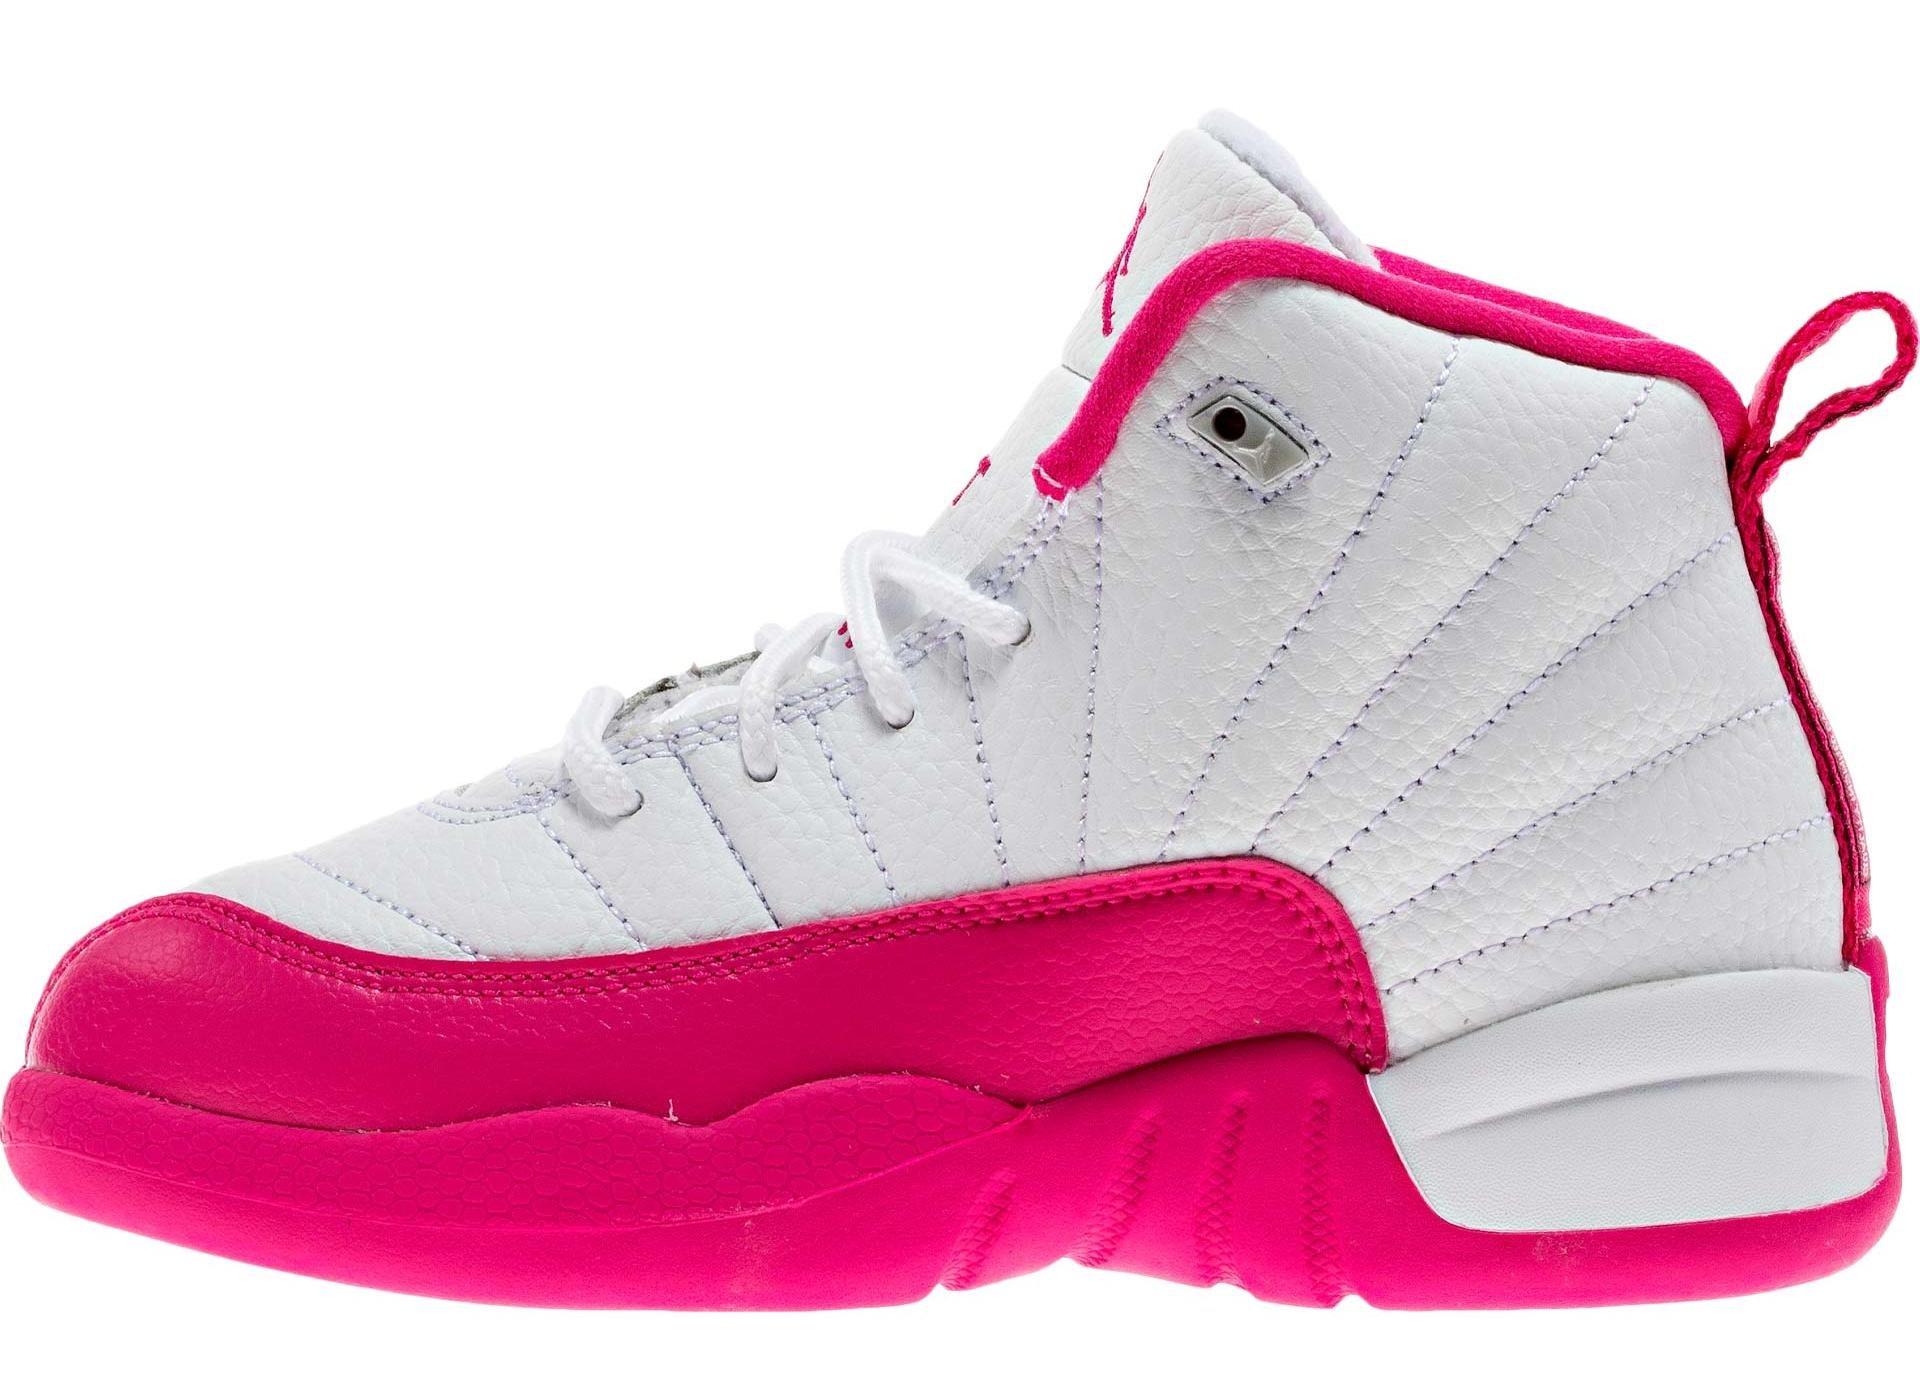 Nike Jordan Kids 12 Retro GP White / Metallic Silver / Vivid Pink 510816-109 (12.5C)